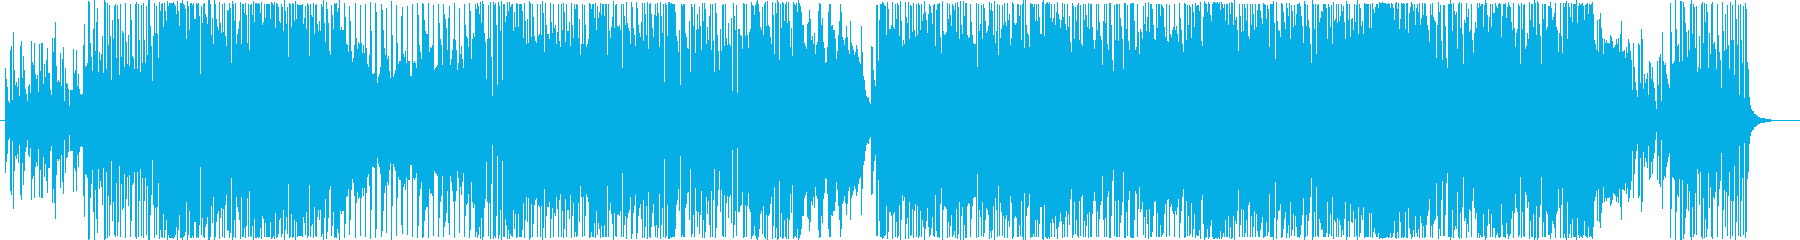 可愛らしくて楽しいノリノリポップスの再生済みの波形